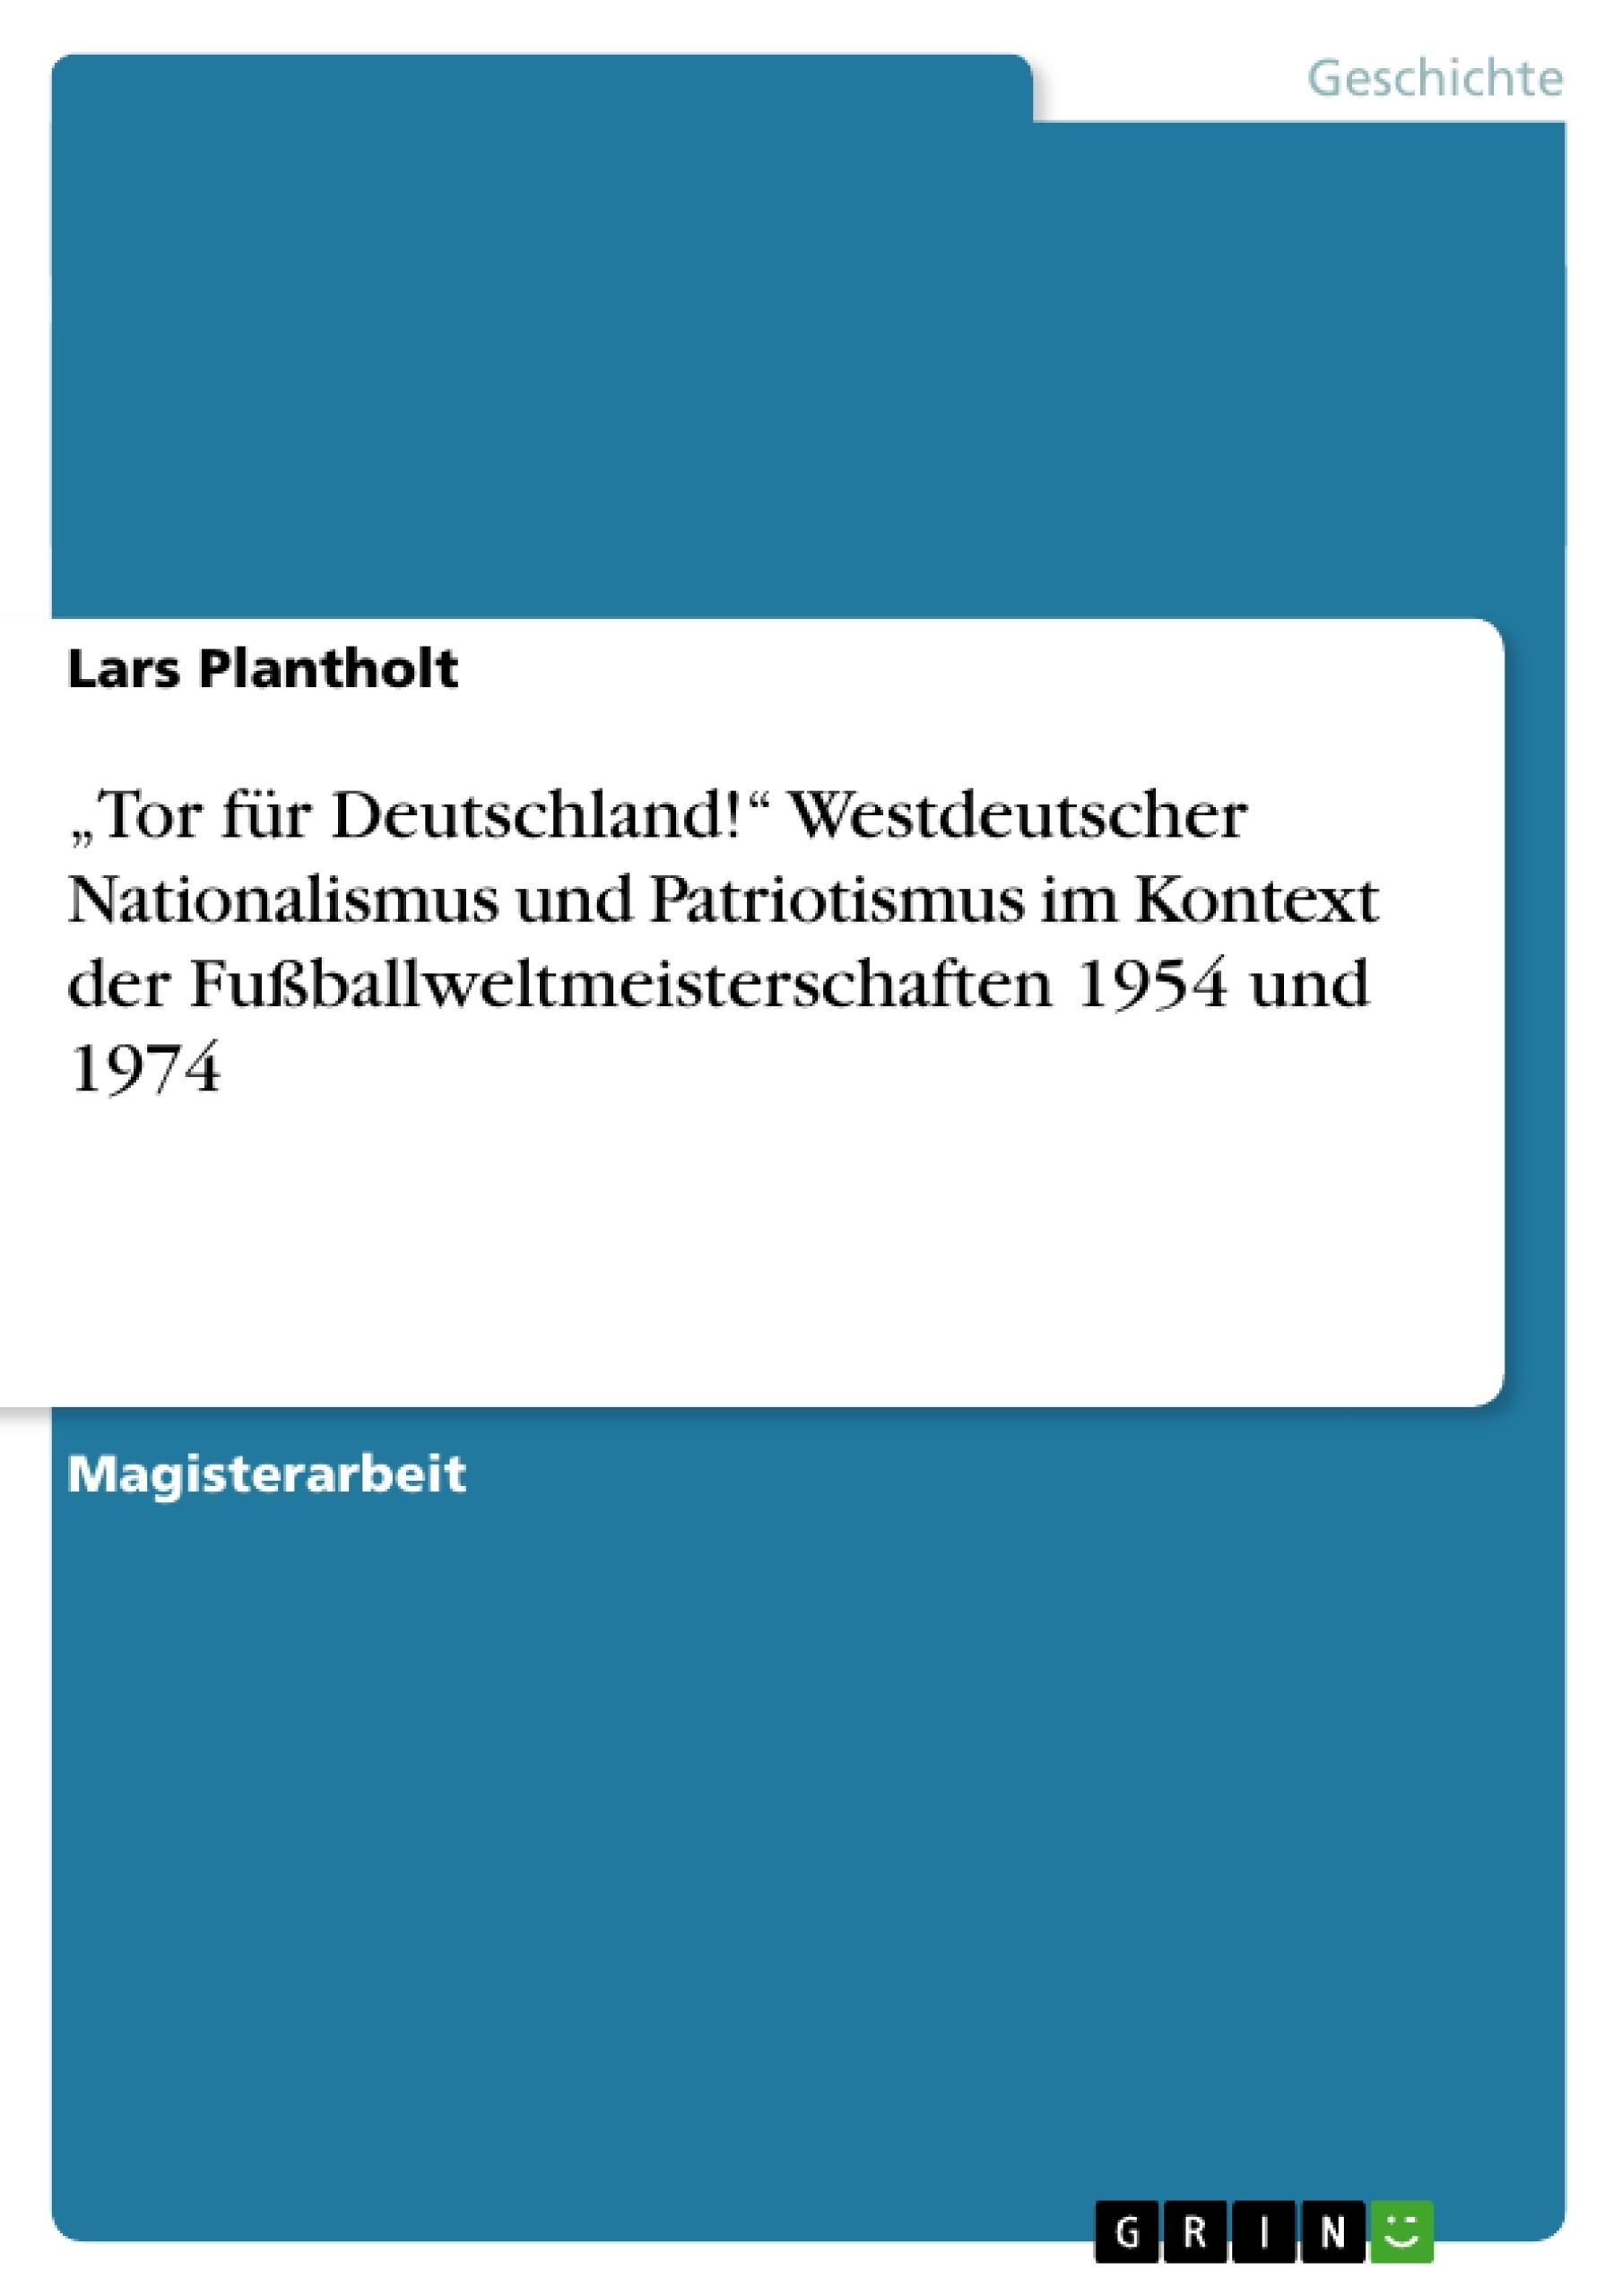 """Titel: """"Tor für Deutschland!"""" Westdeutscher Nationalismus und Patriotismus im Kontext der Fußballweltmeisterschaften 1954 und 1974"""